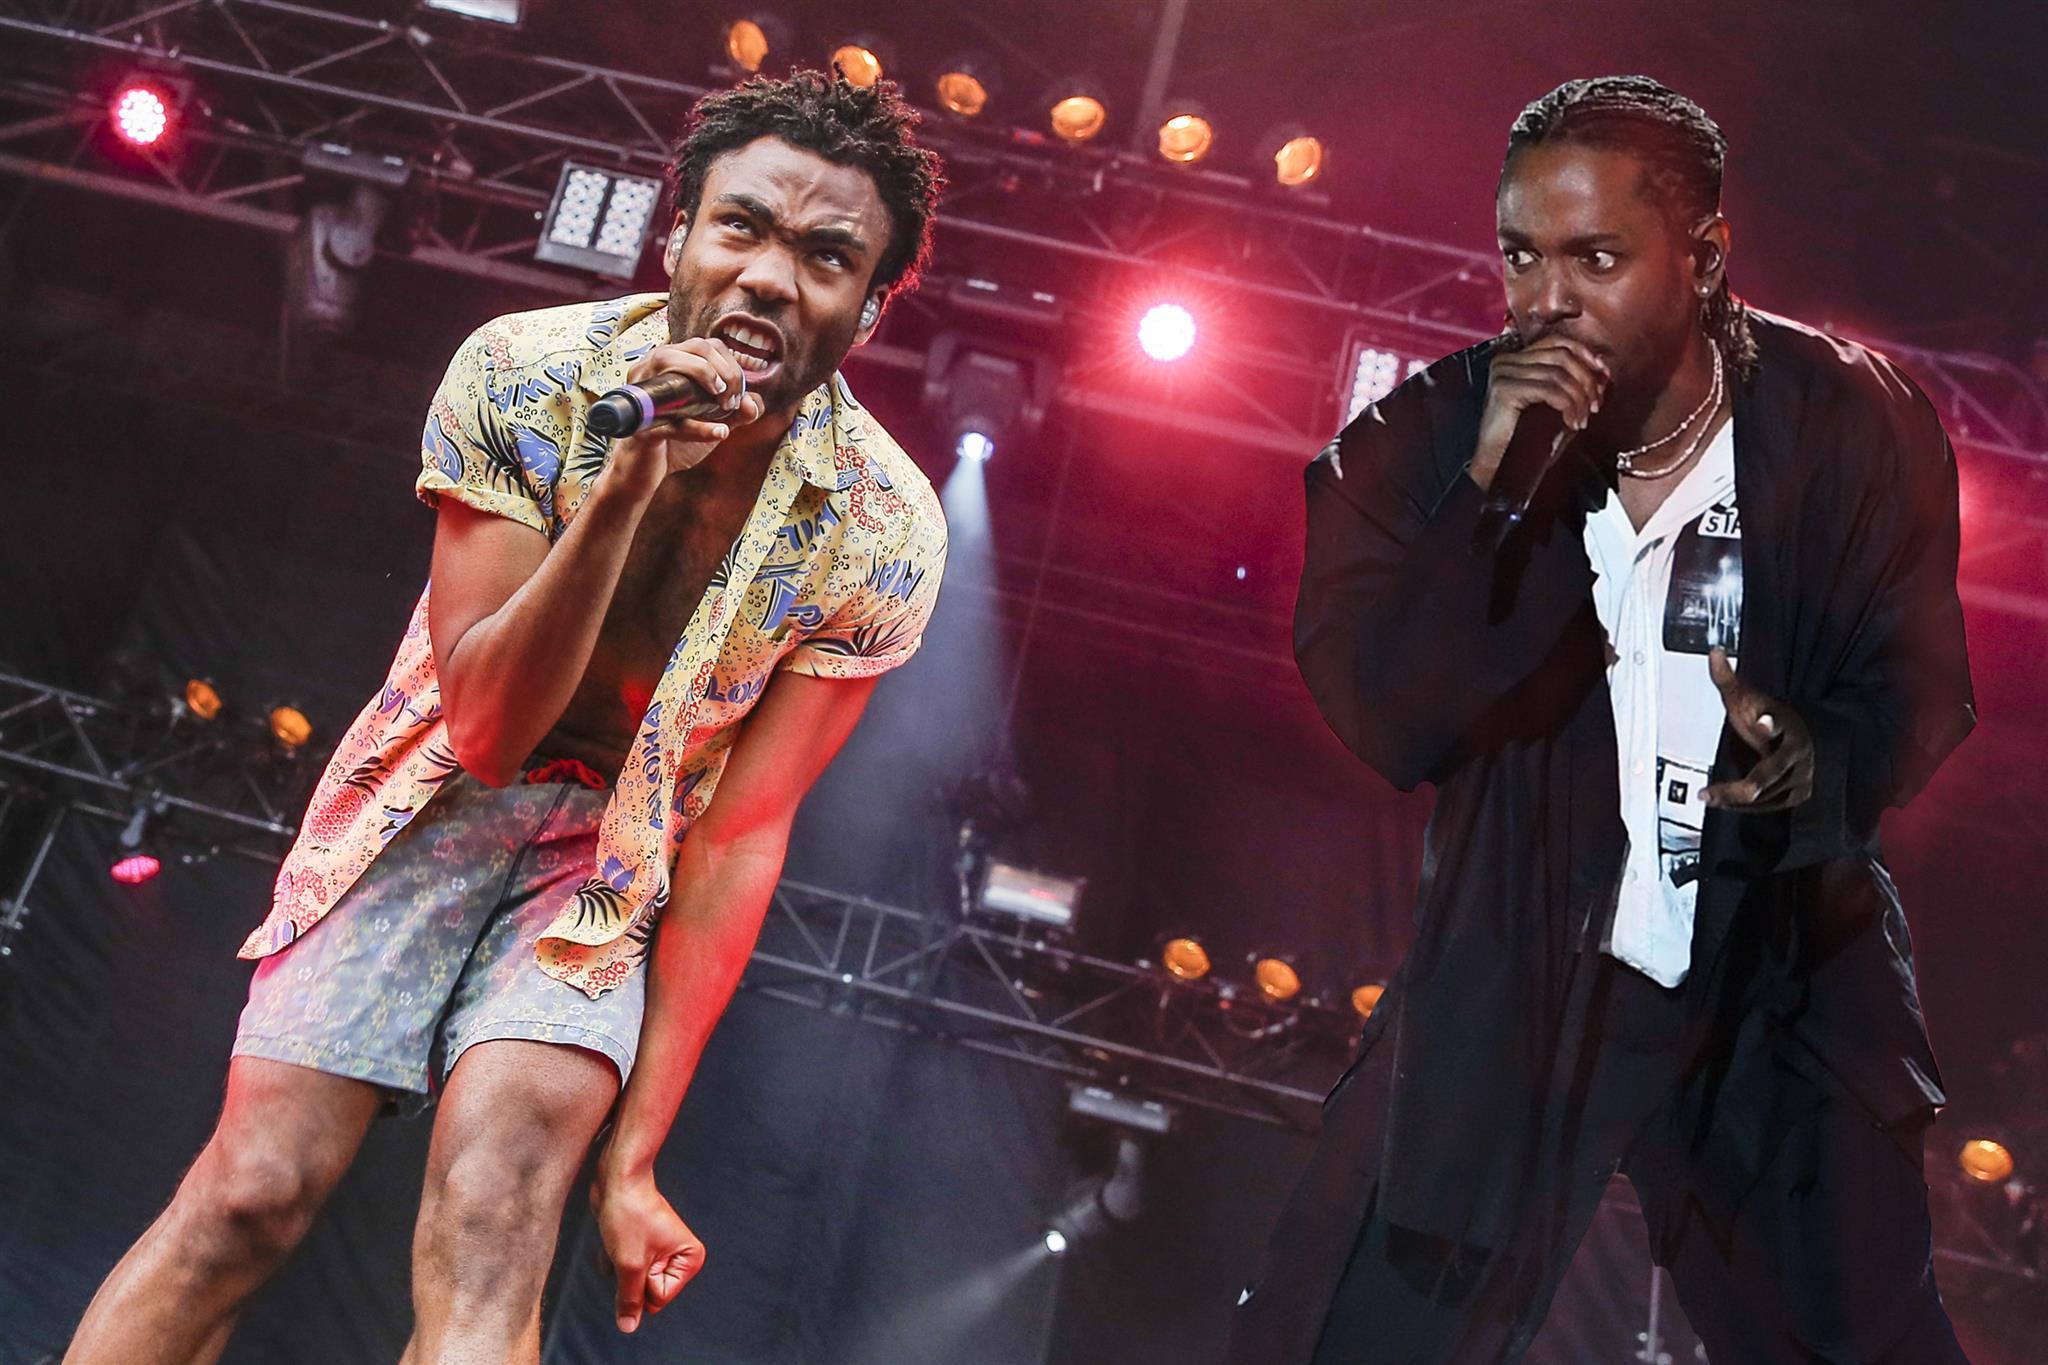 Il rap che racconta l'America di Trump conquista il mondo: da Childish Gambino a Kendrick Lamar